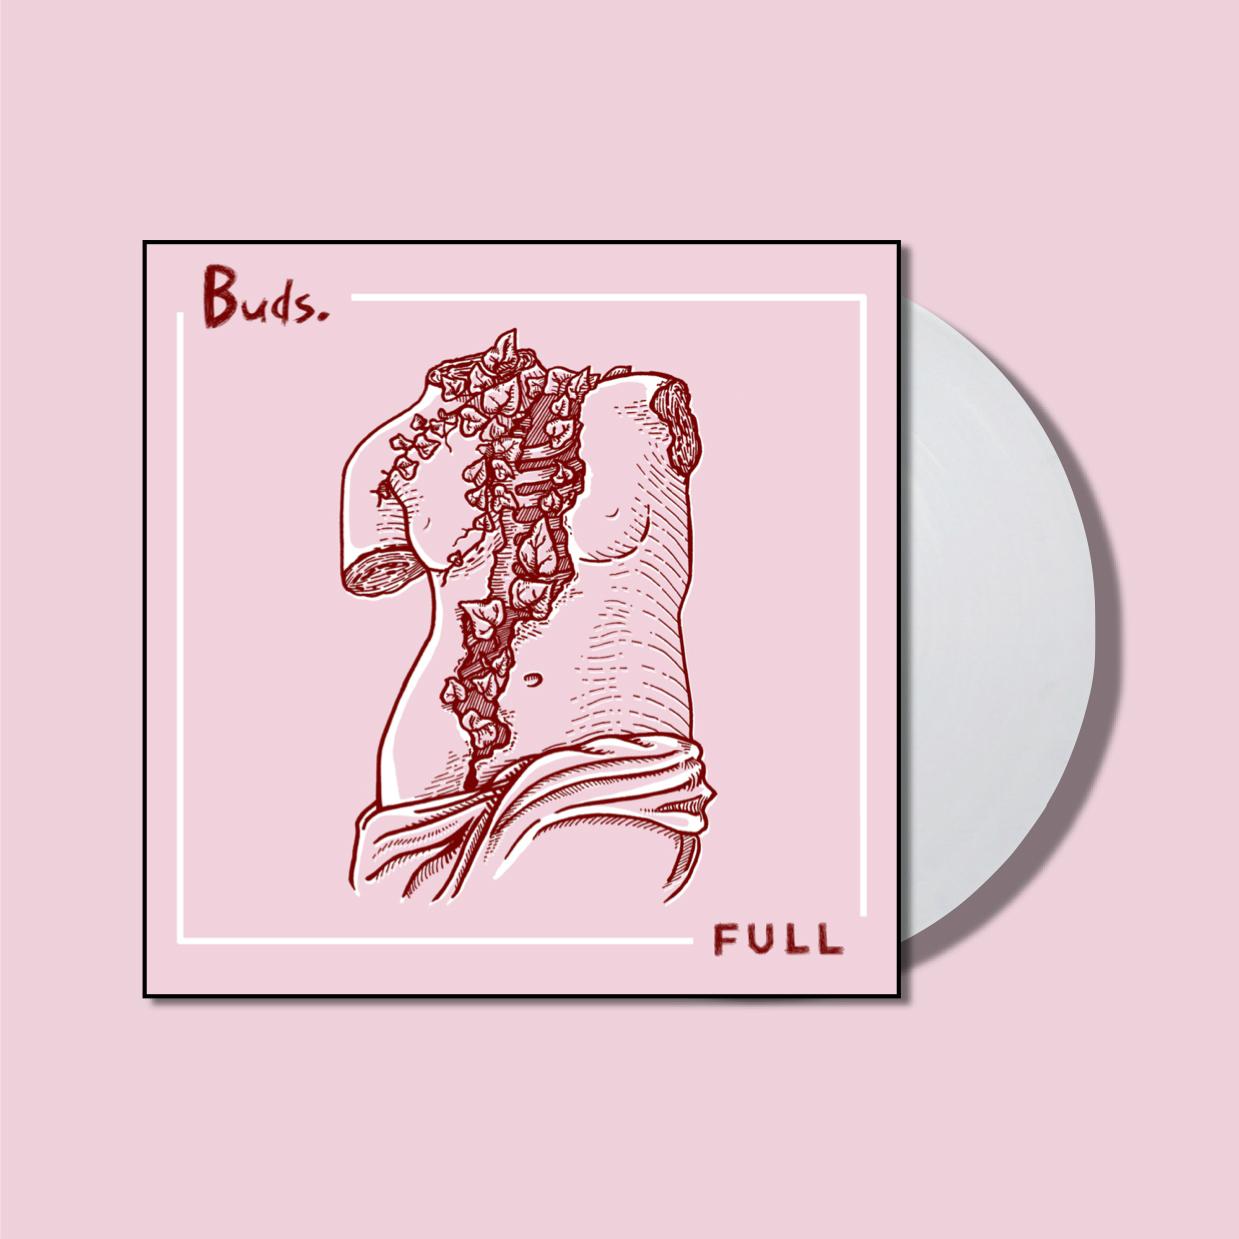 Buds. - Full - 10